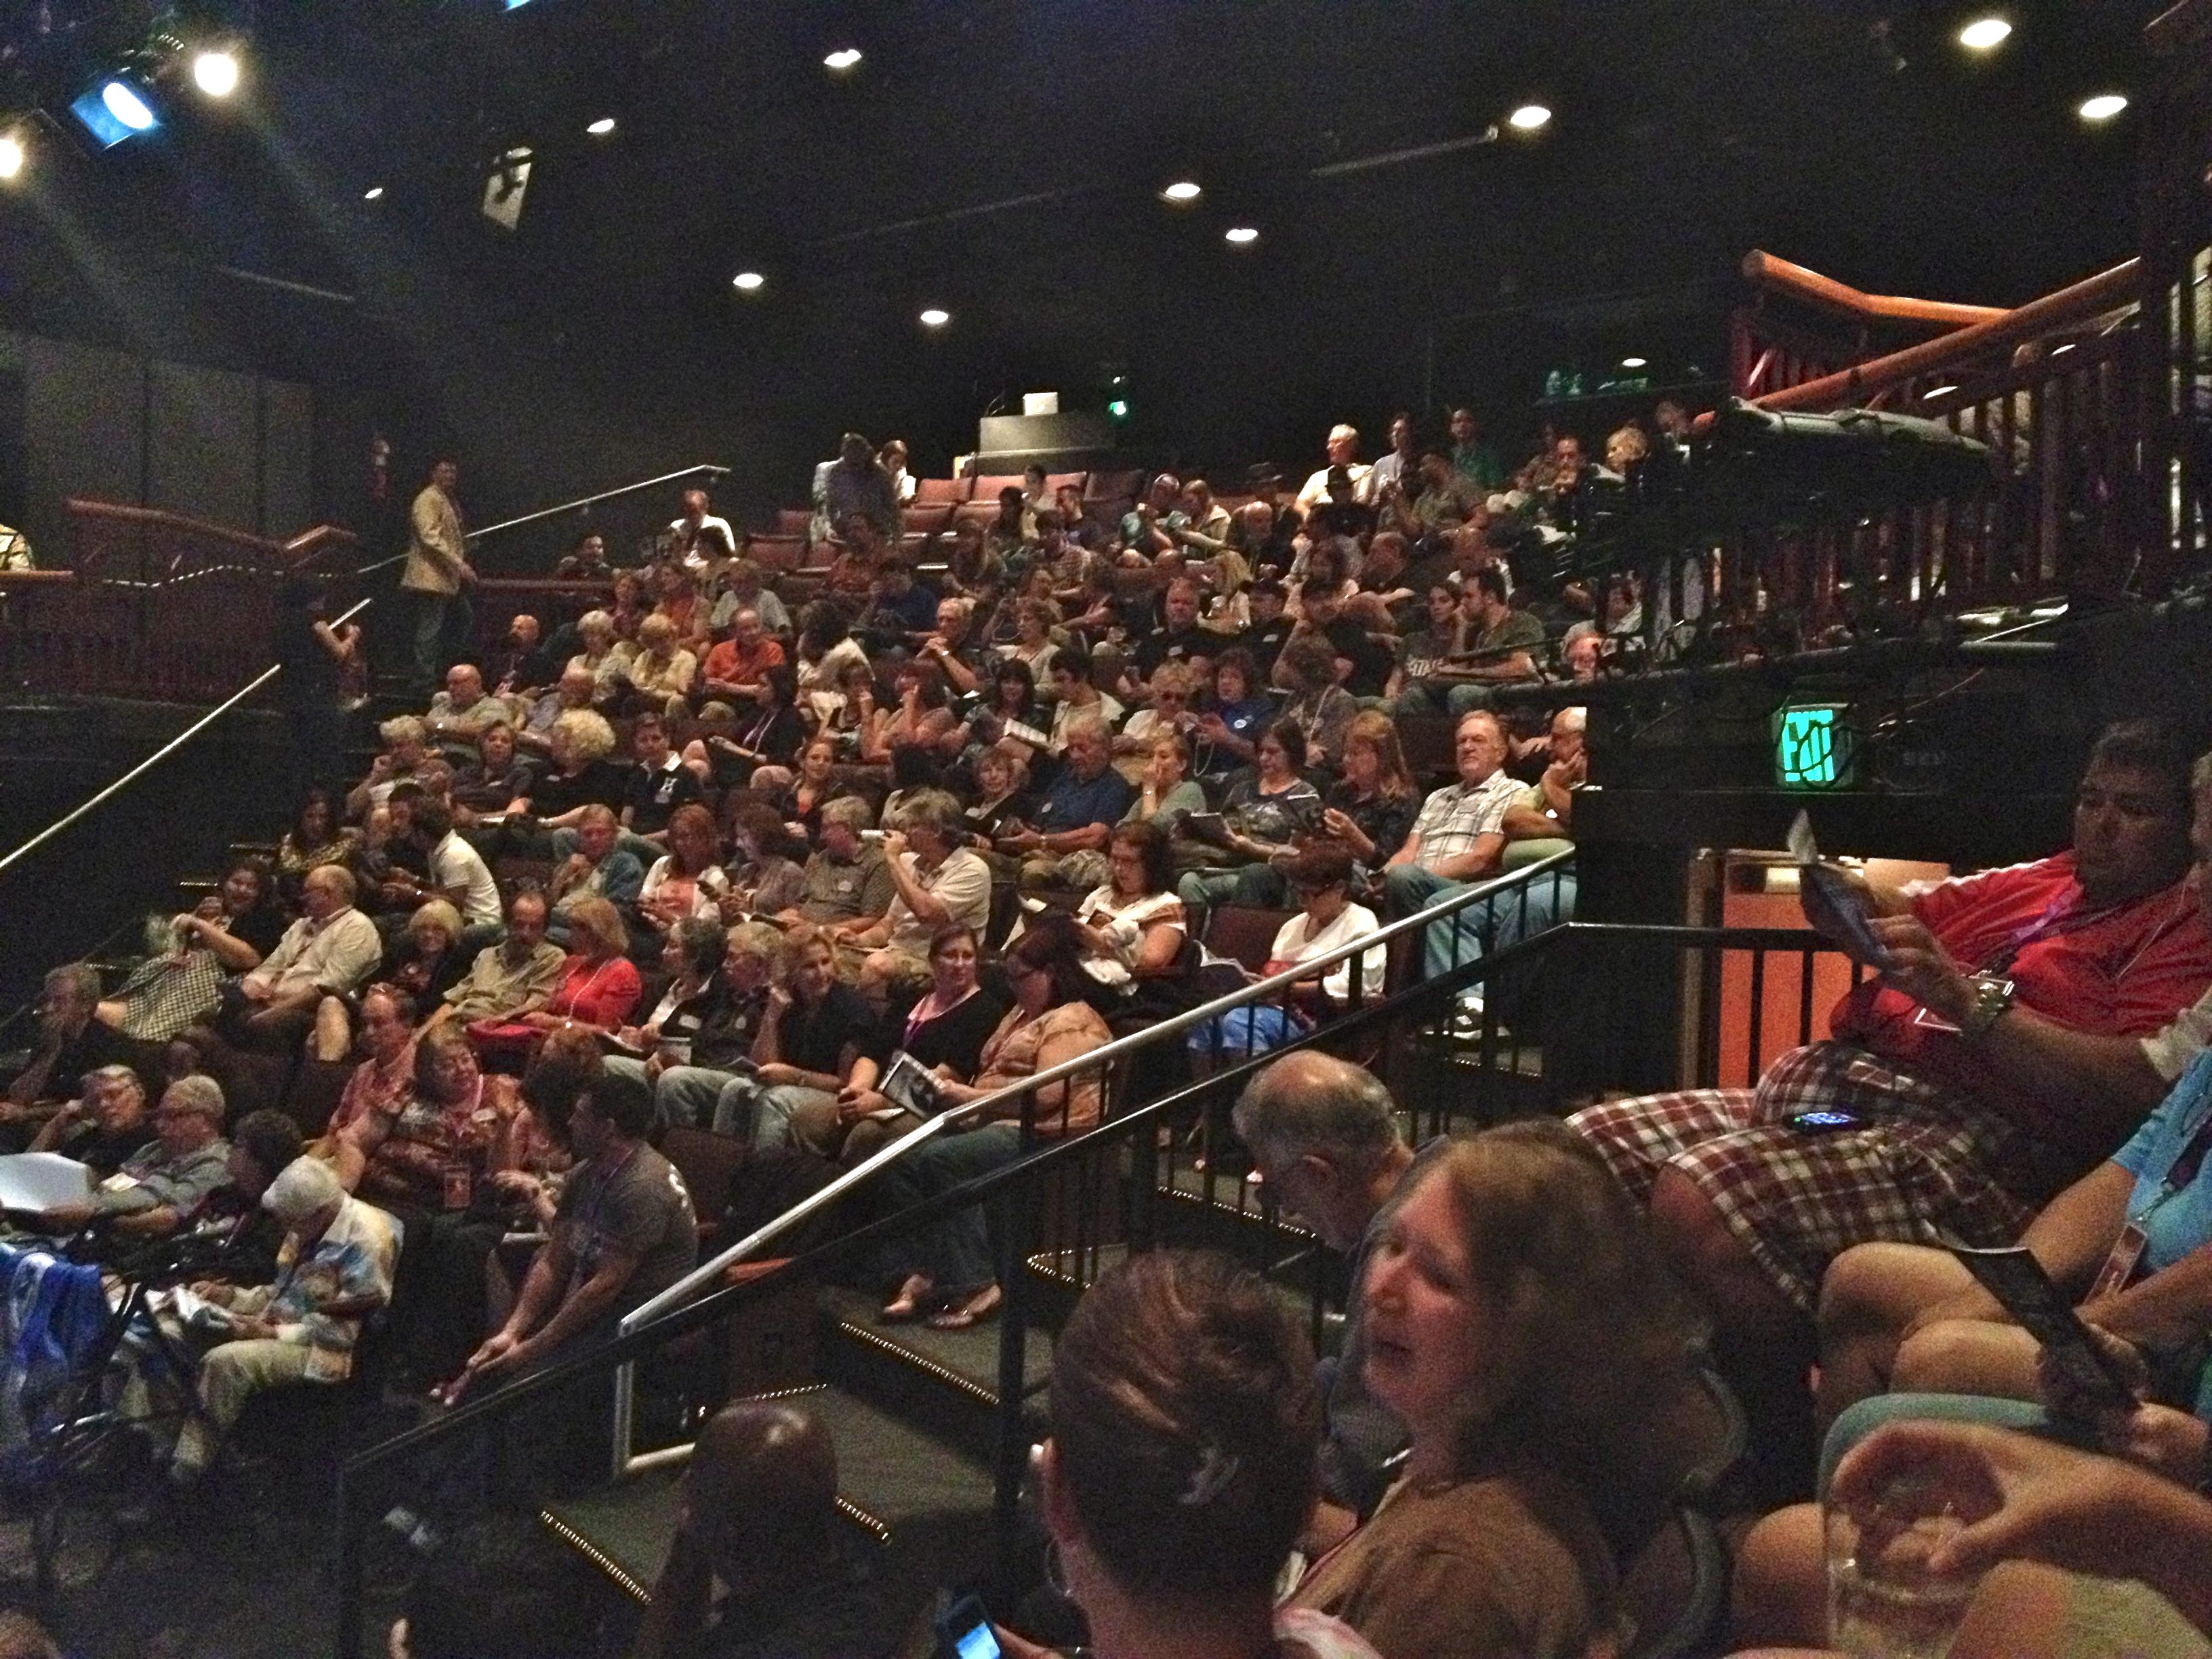 Fringe Festival audience